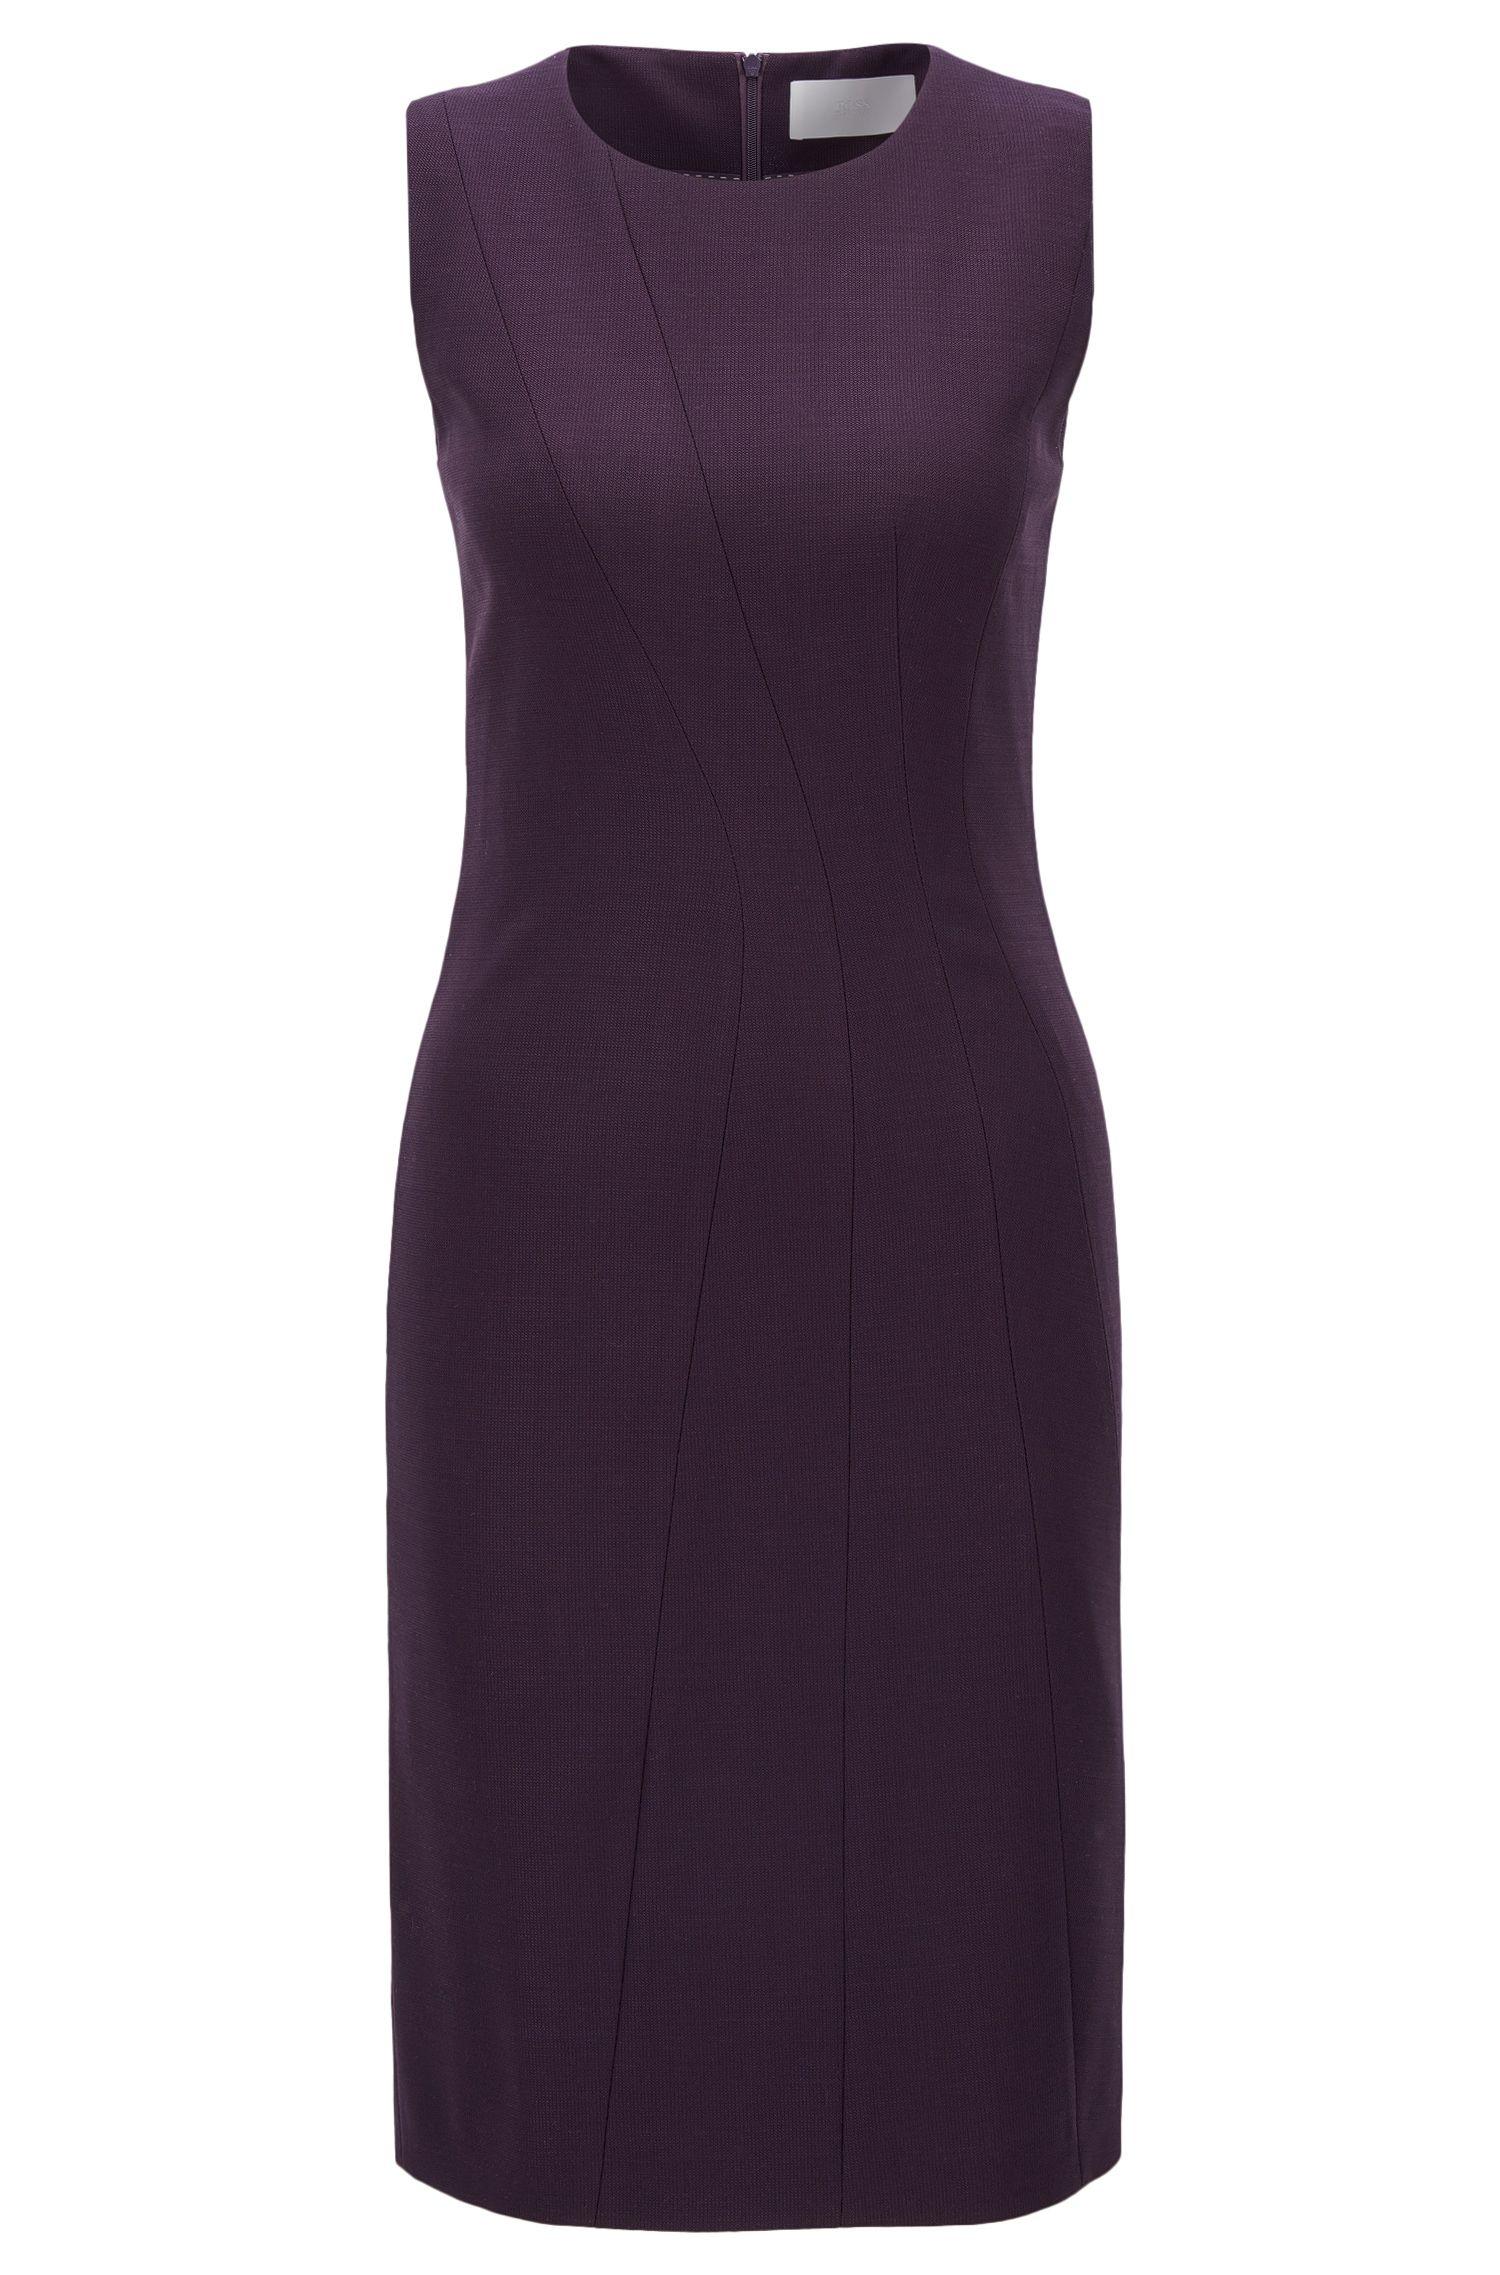 'Donalea'   Stretch Virgin Wool Sheath Dress